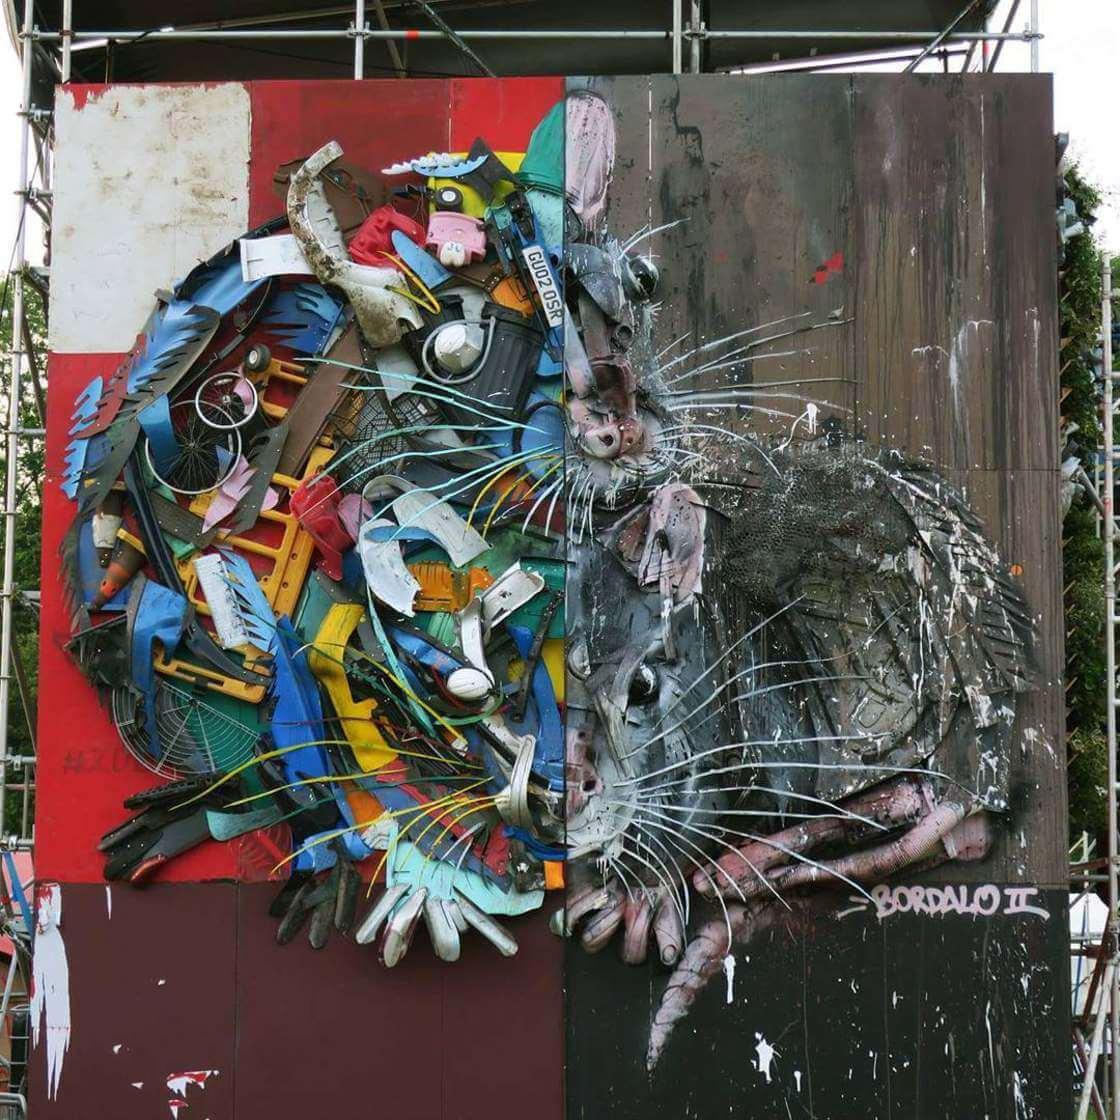 street-art-déchet-denonciation-écologie-bordalo2-hamster